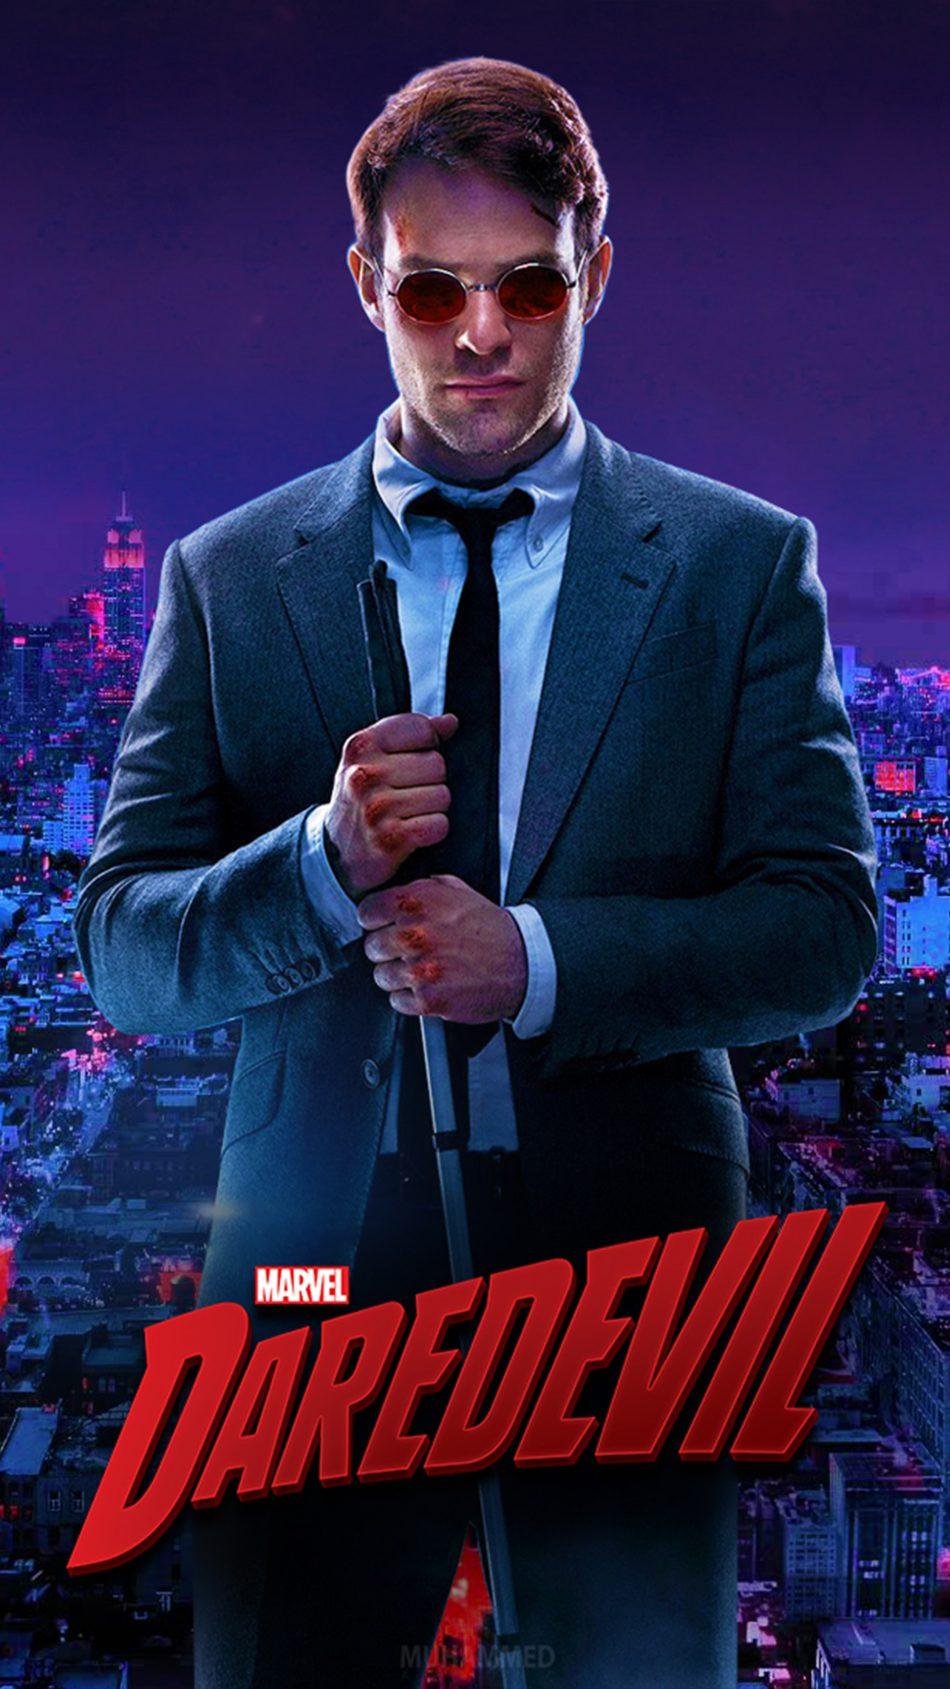 Daredevil 2019 4K Ultra HD Mobile Wallpaper